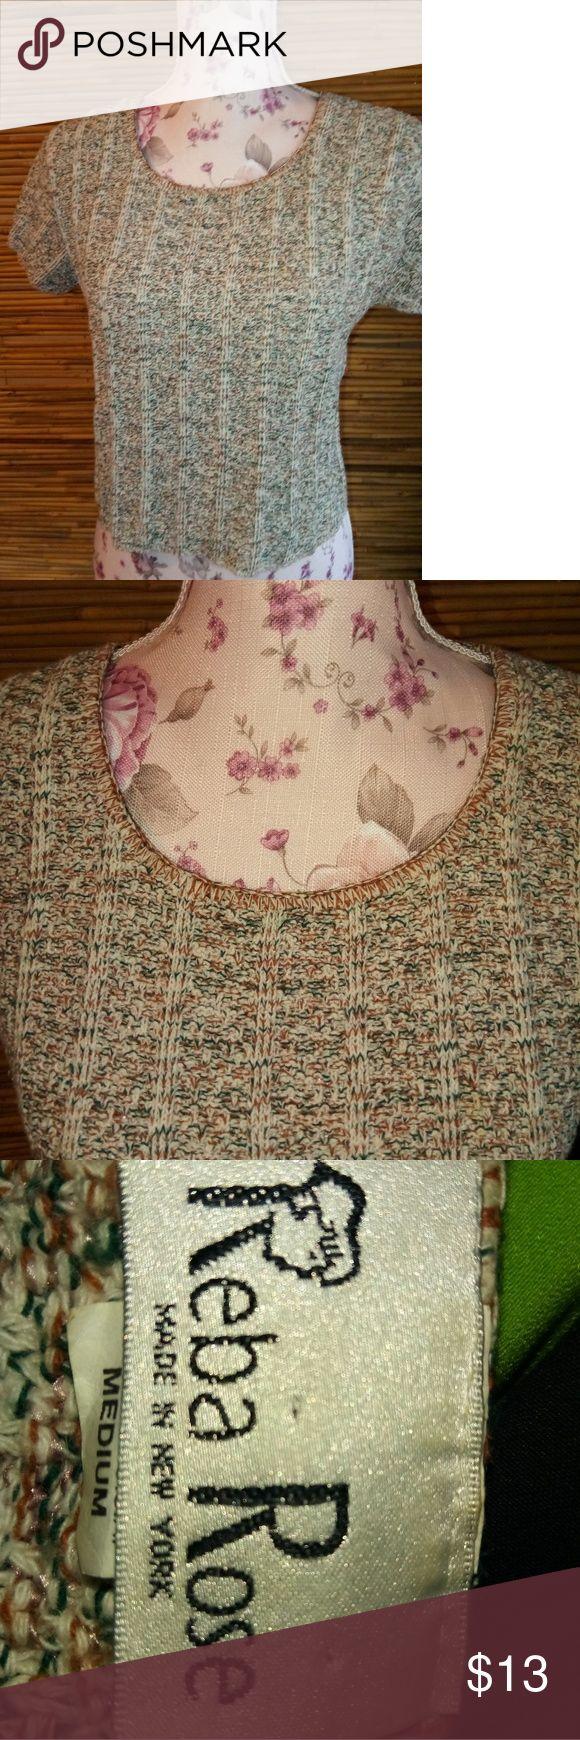 Reba Rose Gravel Sweater Sz M Terrific to look at! Reba Rose Sweaters Crew & Scoop Necks